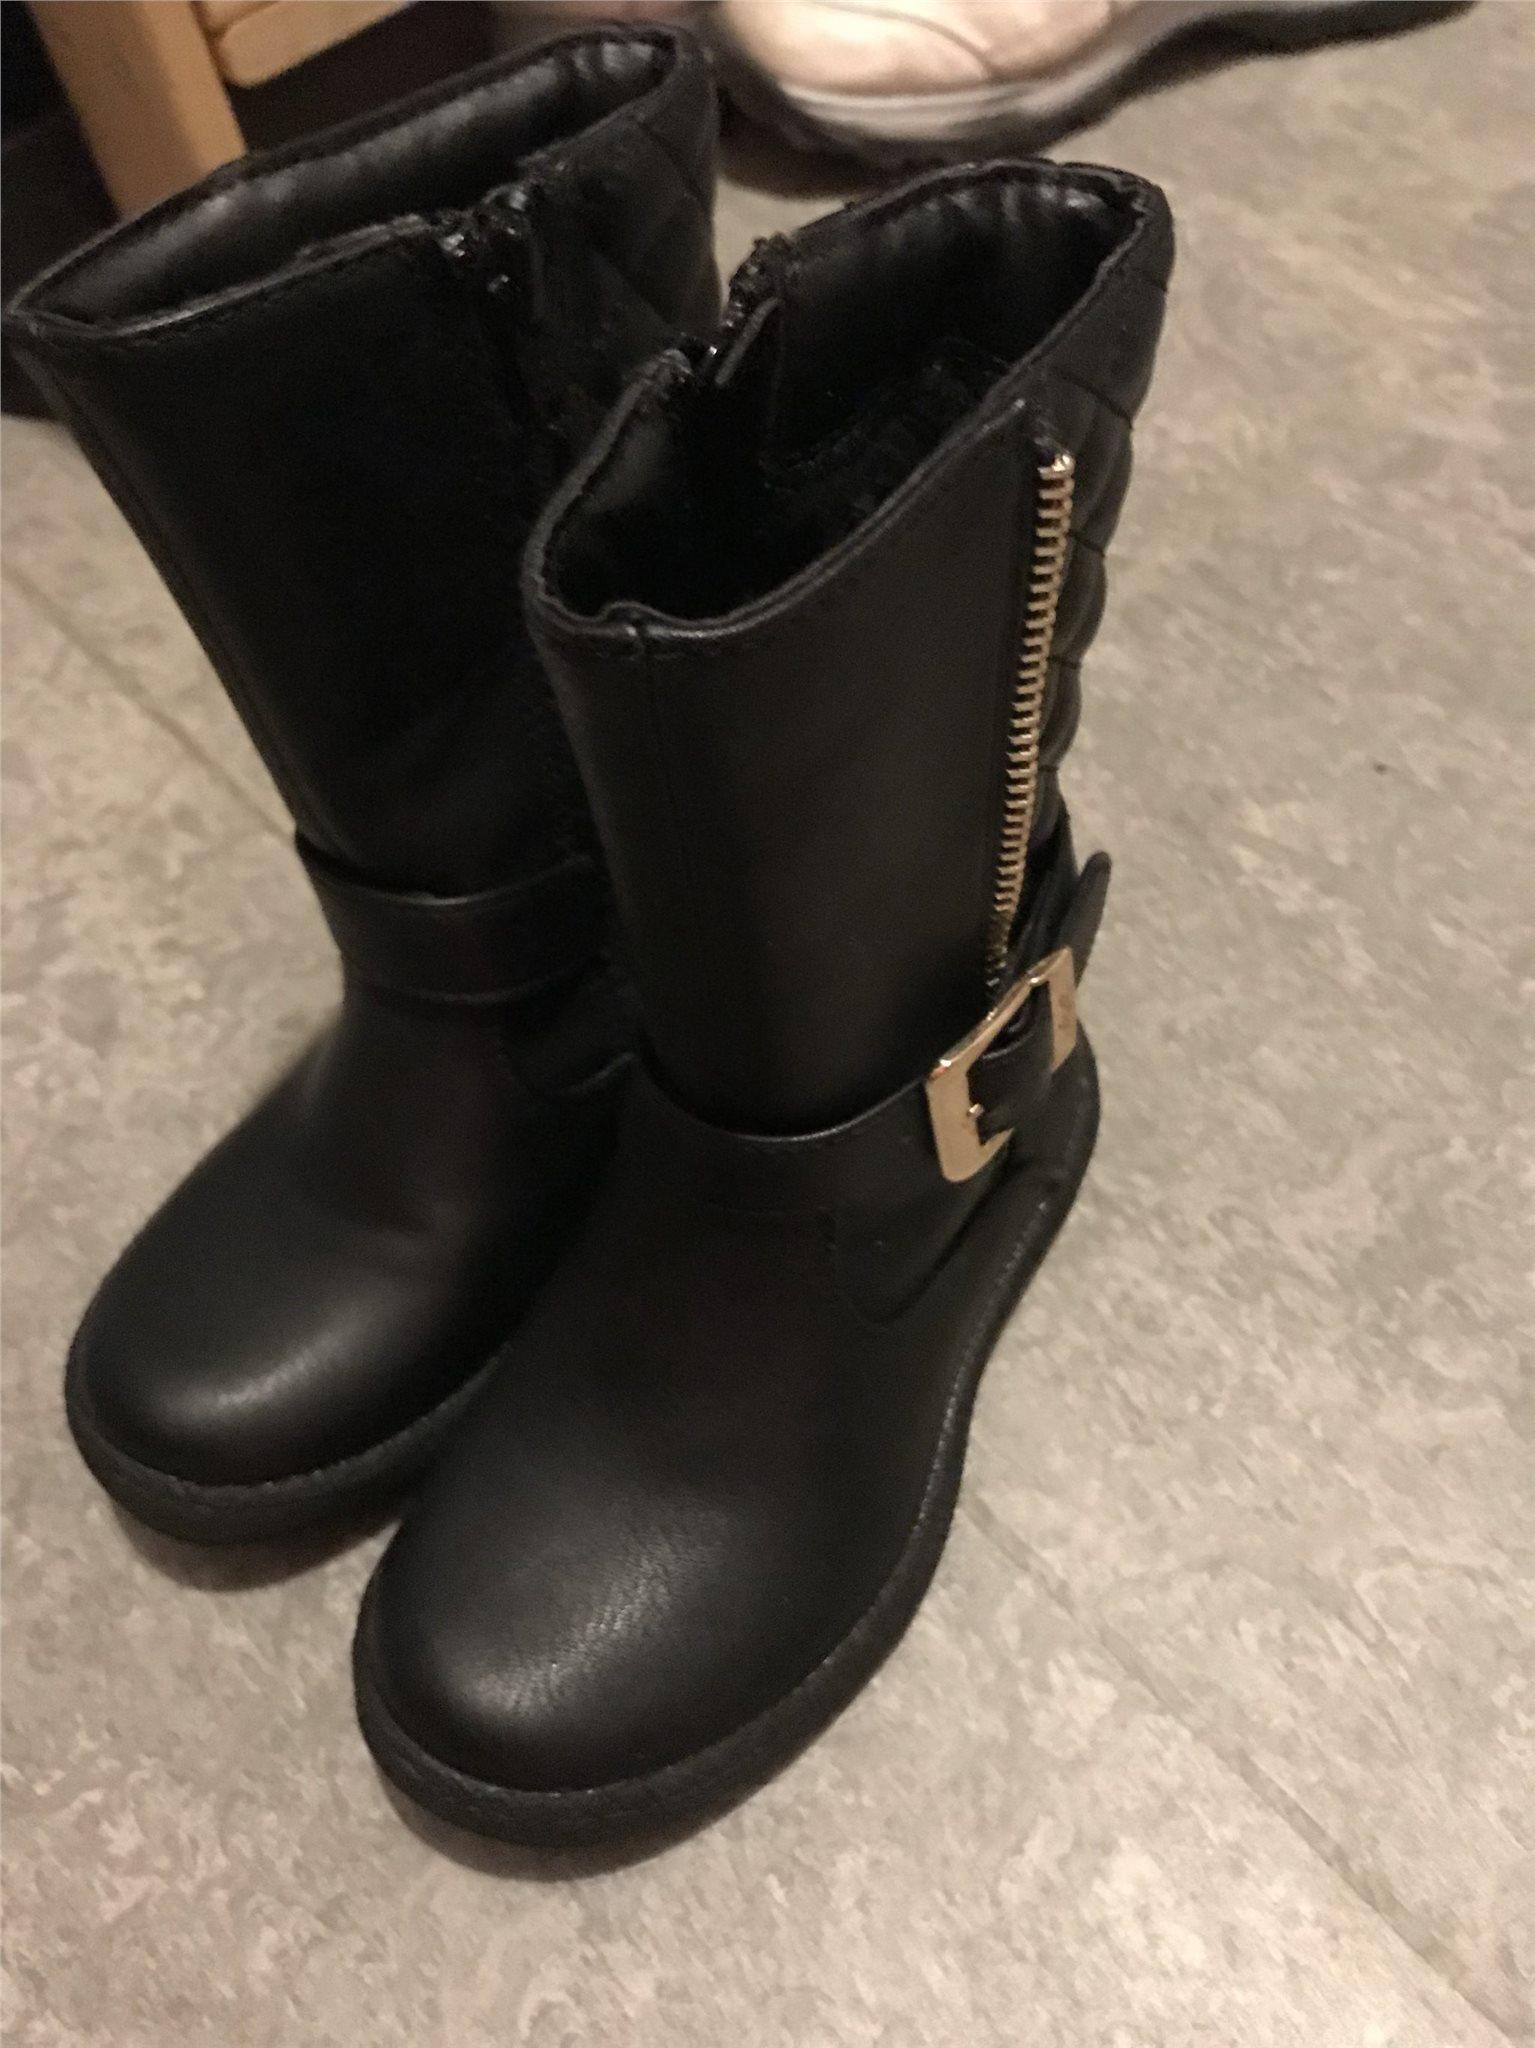 da4ec64e7c3 Barn skor stövlar (340825852) ᐈ Köp på Tradera